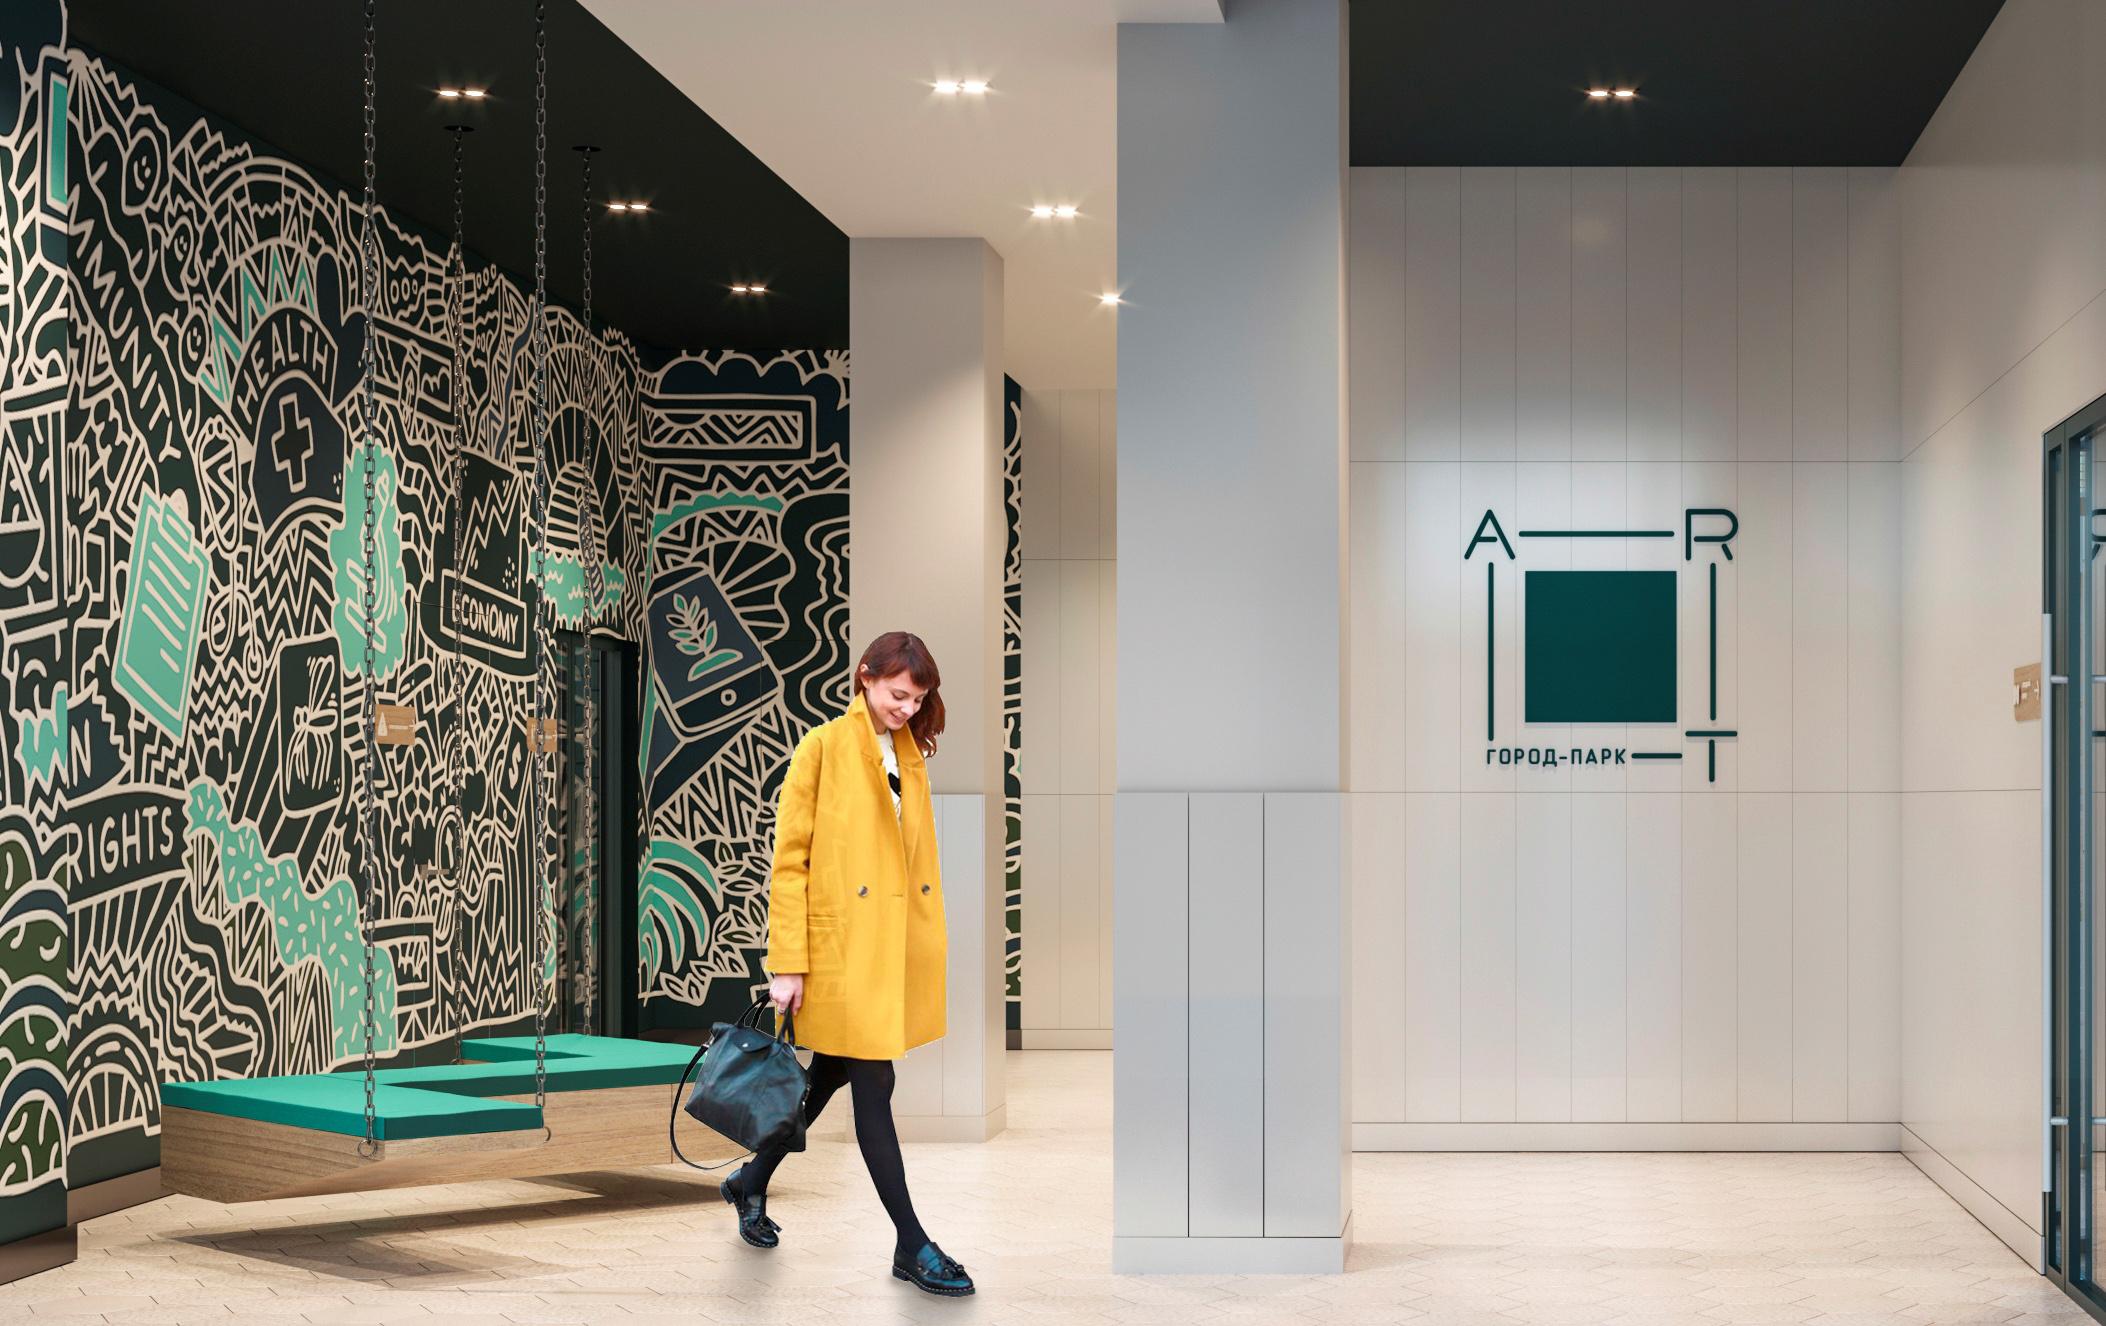 Квартиры в «ART. Город-парк» продаются от 2,95 миллиона рублей и могут быть доукомплектованы мебелью и бытовой техникой